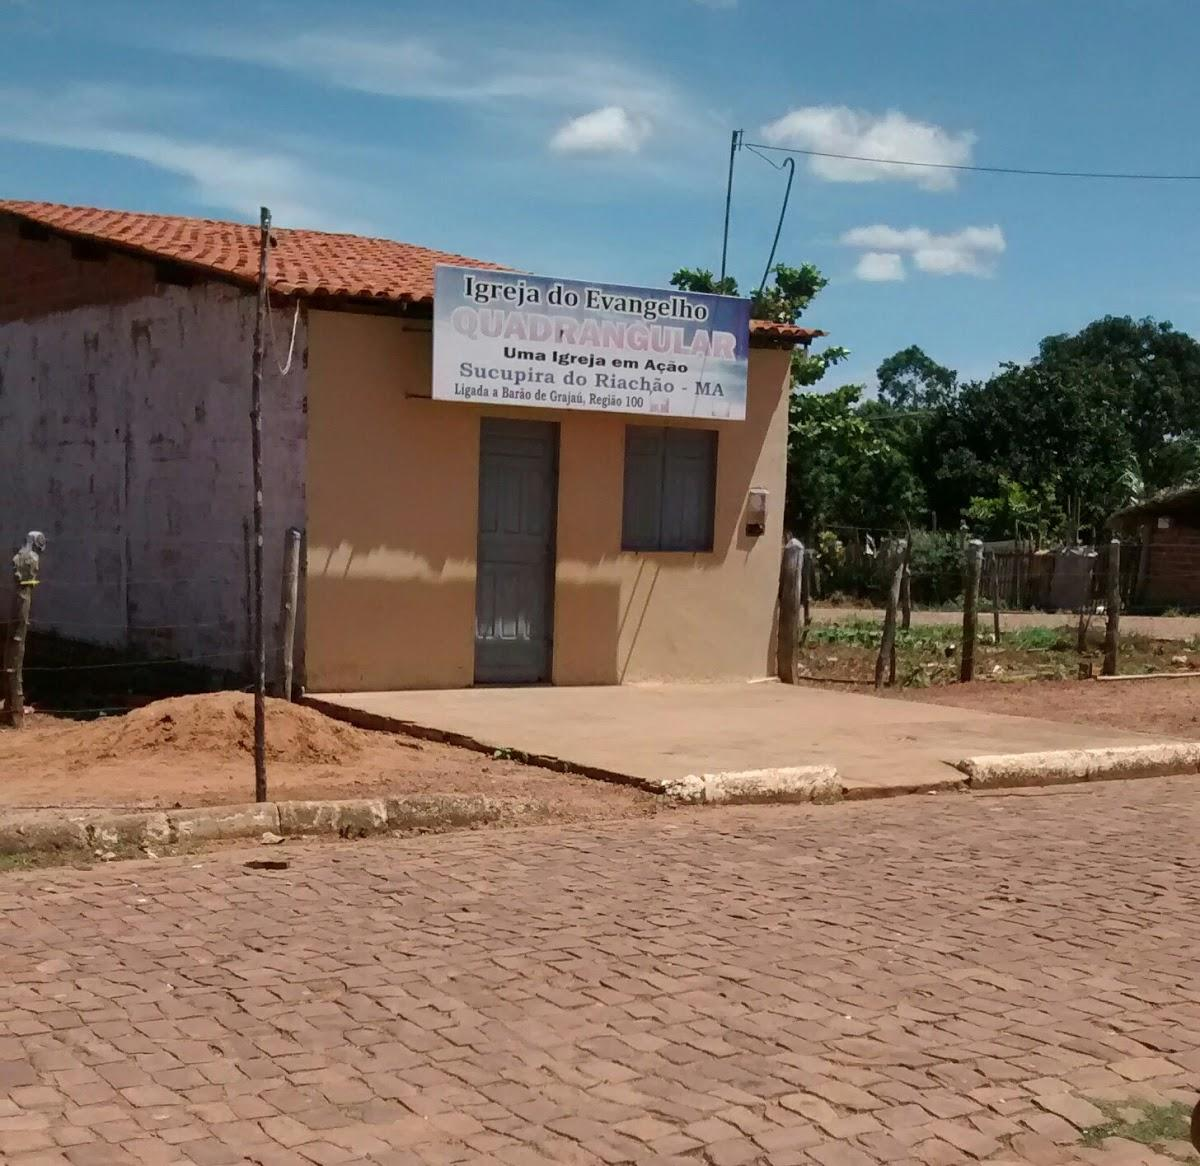 Sucupira do Riachão Maranhão fonte: static.consolidesuamarca.com.br